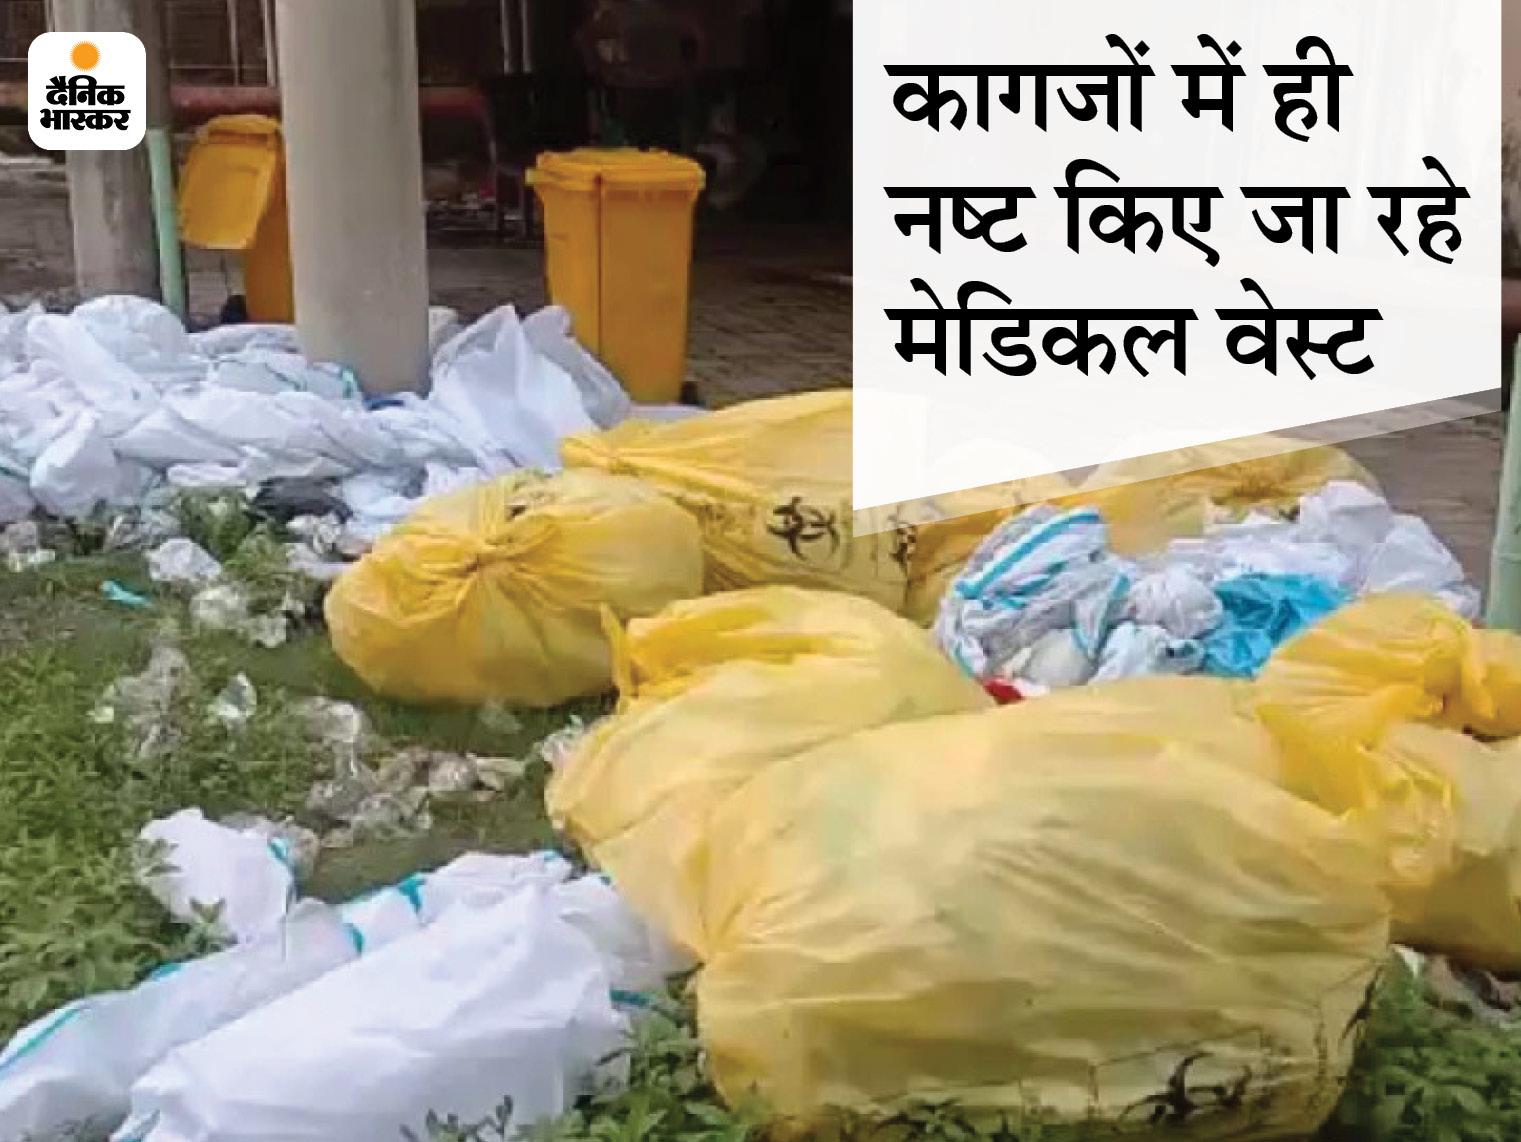 बिहार के अस्पतालों में कागजों में नष्ट हो रहा मेडिकल वेस्ट; IMA ने मांगी मॉनिटरिंग की जिम्मेदारी, कहा- शहर को बीमार बनाने में कचरे में बड़ा खेल|पटना,Patna - Dainik Bhaskar